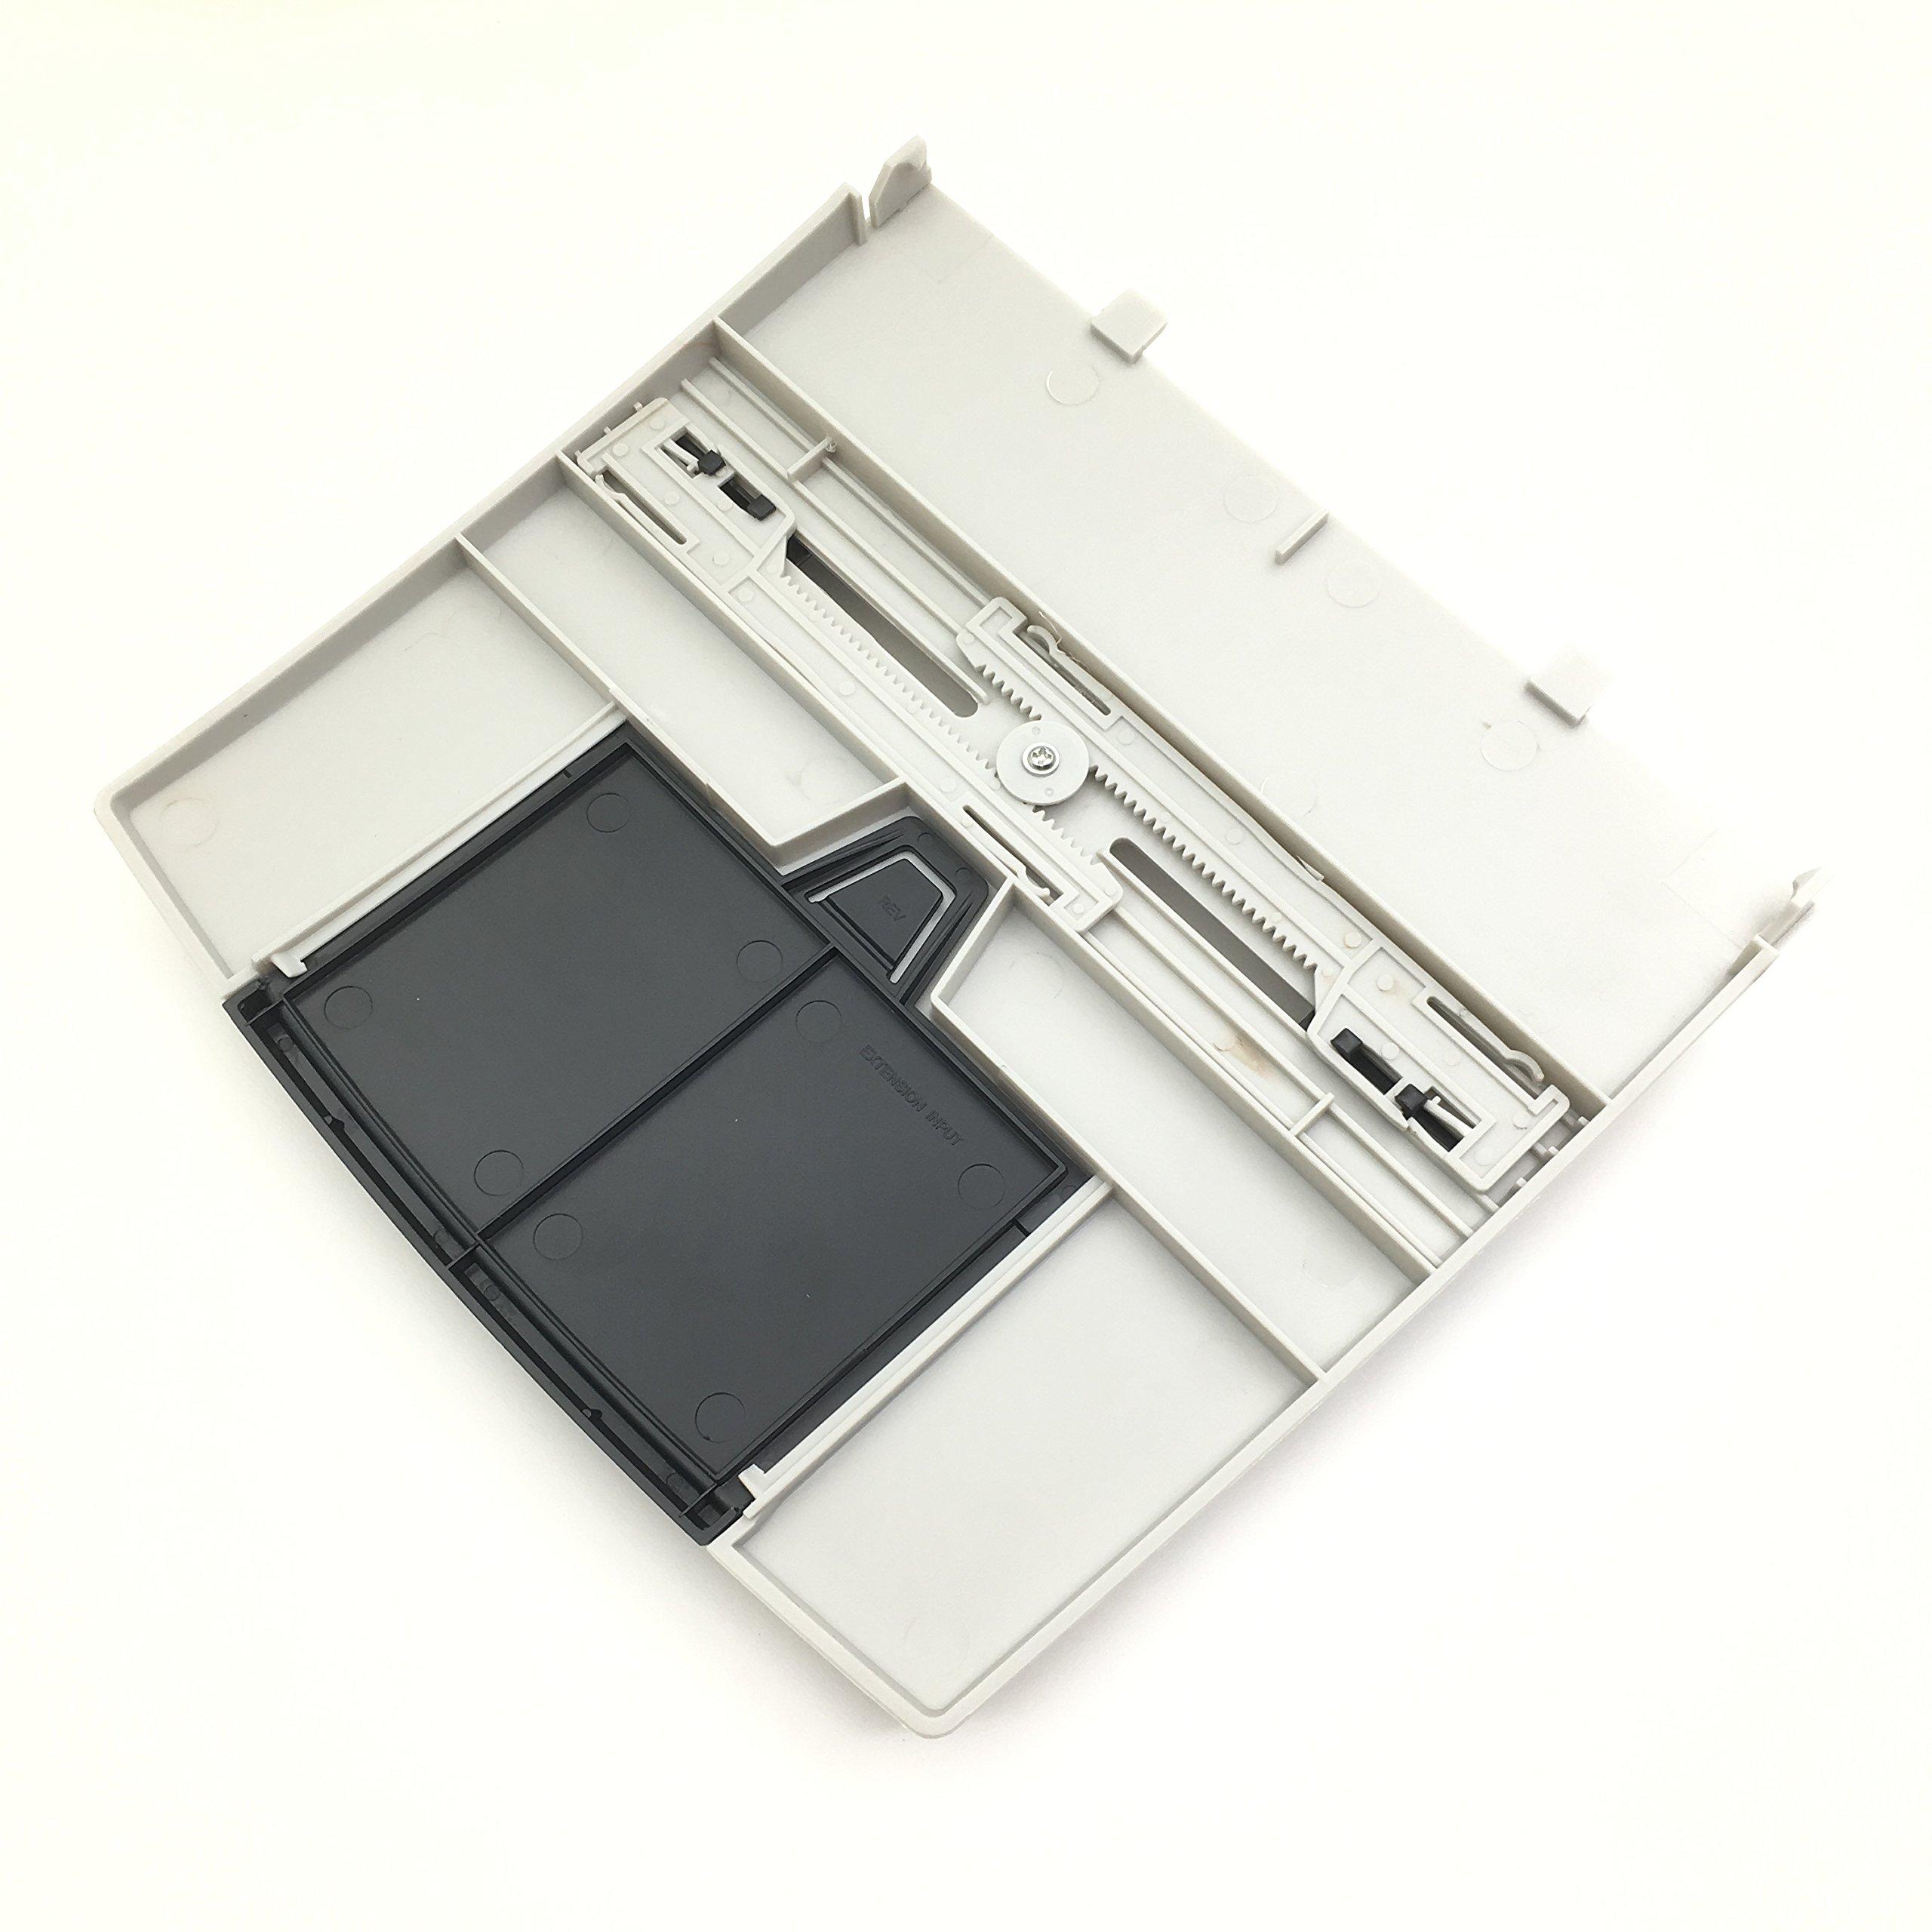 OKLILI Q6500-60119 Q3948-60214 CB534-60112 Q1636-40012 Q2665-60109 ADF Paper Input Tray for HP 1522 M1522 CM1312 CM2320 3390 3392 M2727 2820 2840 3050 3052 3055 by OKLILI (Image #4)